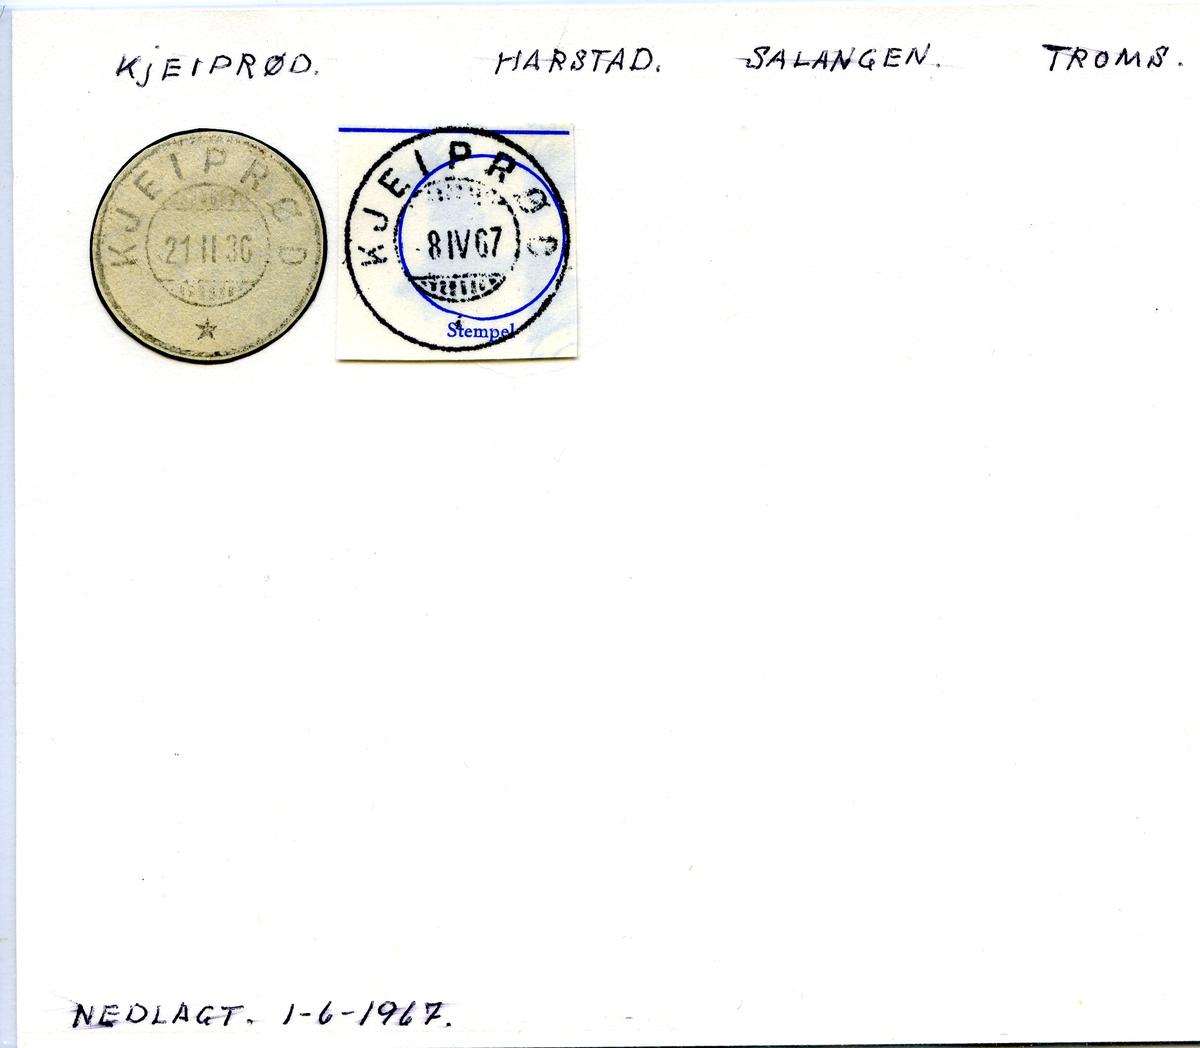 Stempelkatalog Kjeiprød, Harstad postk., Salangen kommune, Troms